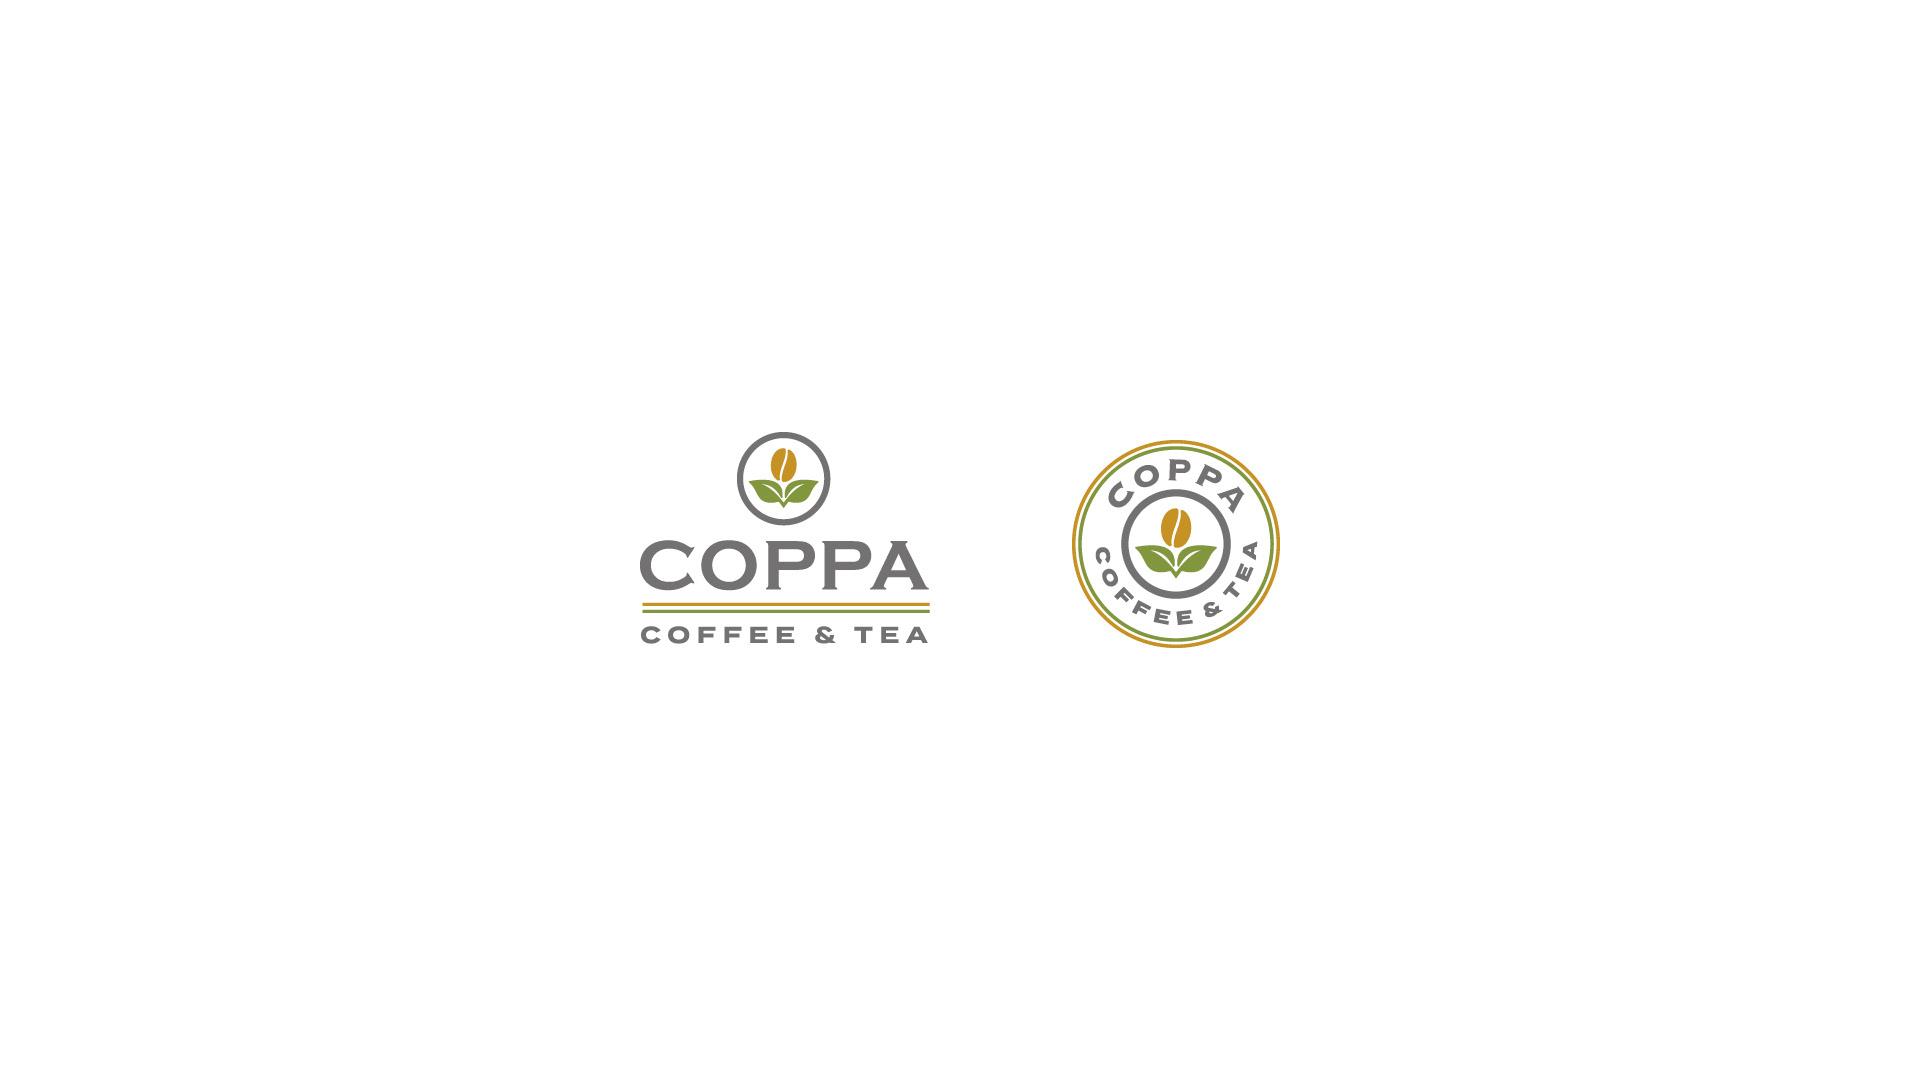 Coppa Coffee and Tea2.jpg